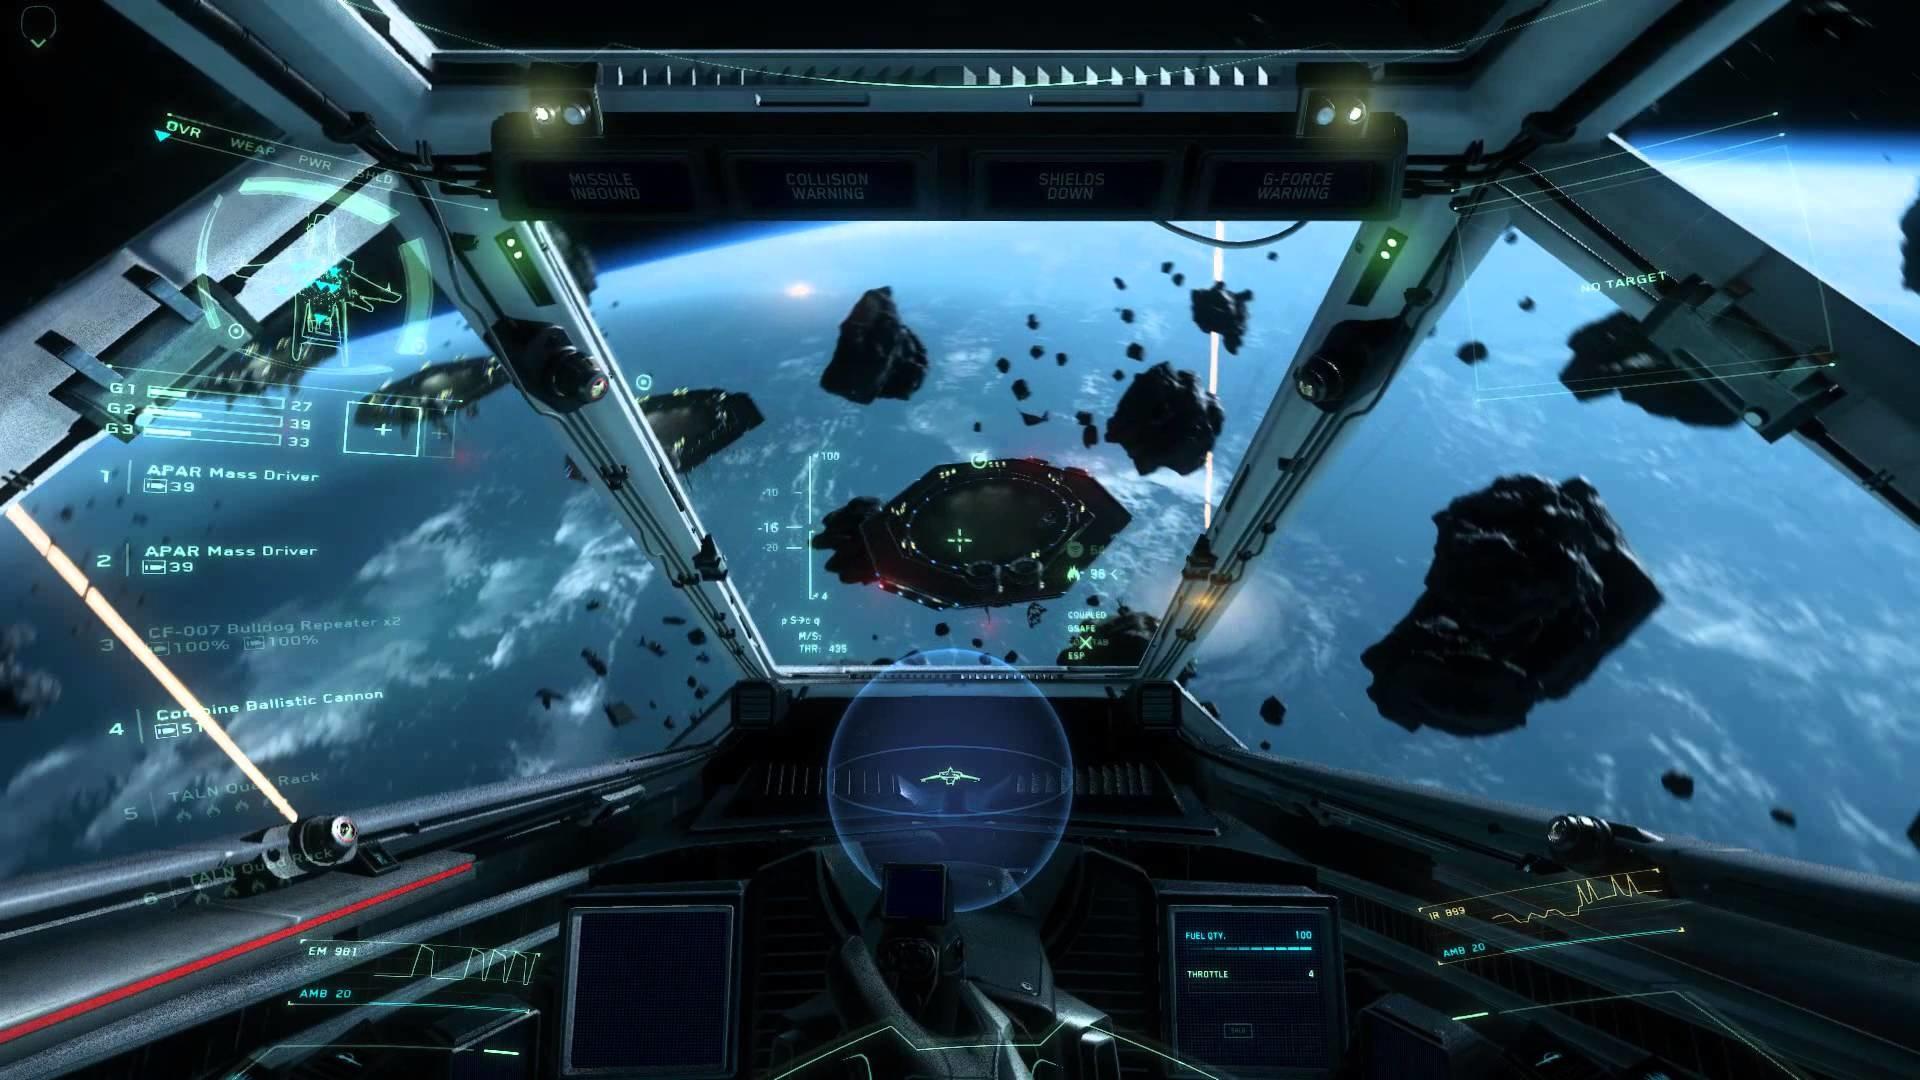 elite dangerous cockpit hd wallpaper - photo #41